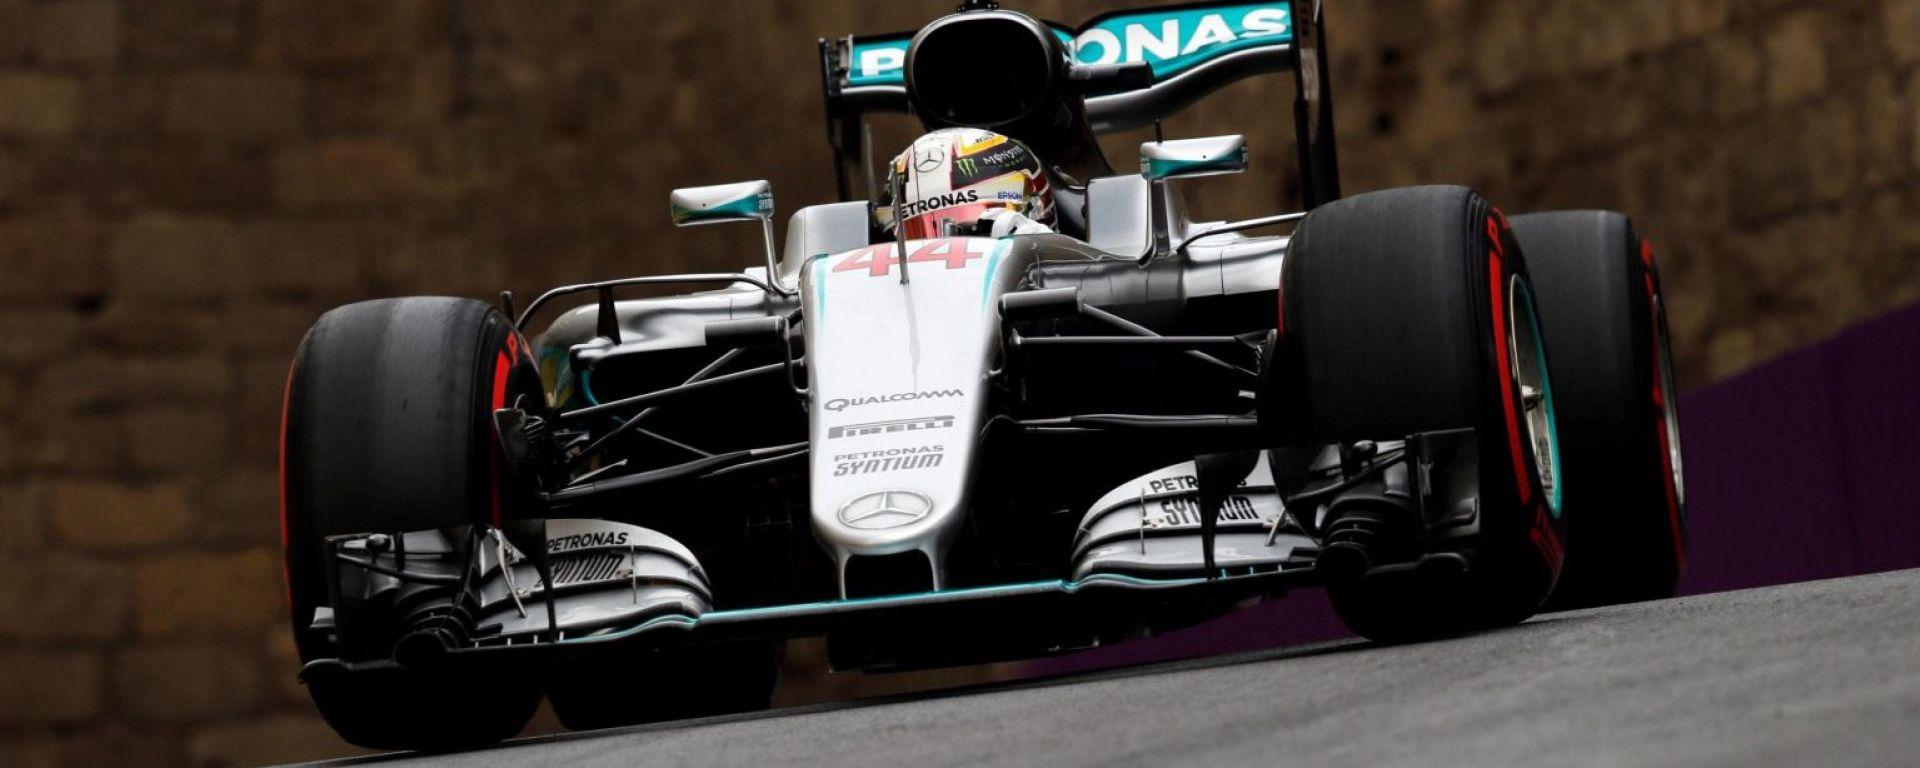 F1 GP Baku: resoconto prove libere 1